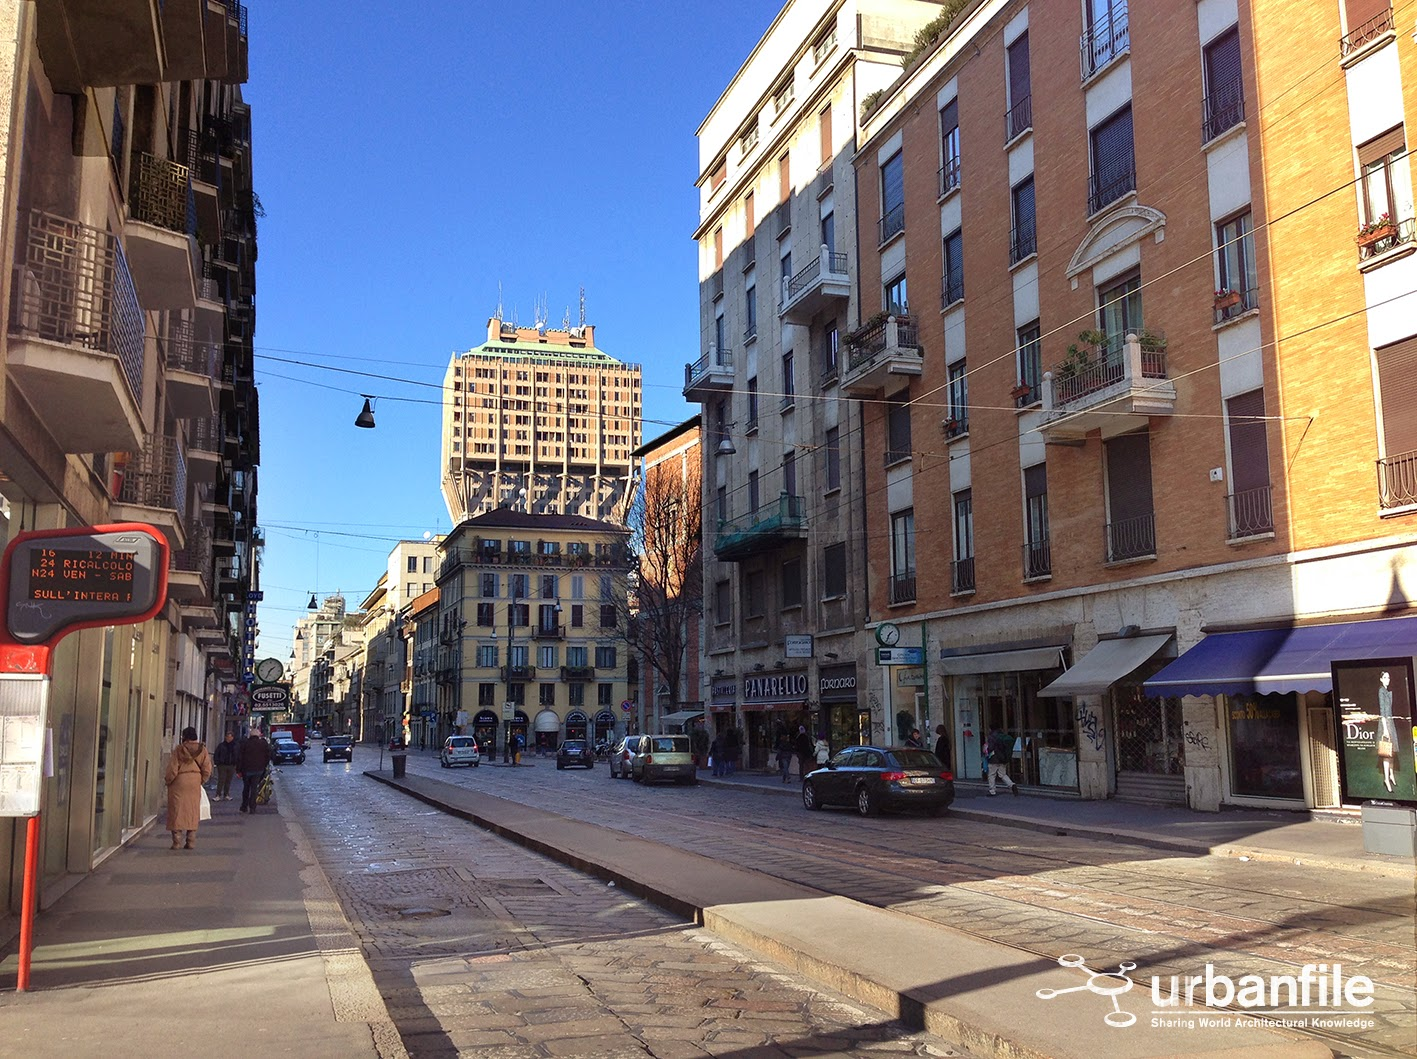 Milano porta romana la scomparsa porta medievale - Autoscuola porta romana milano ...